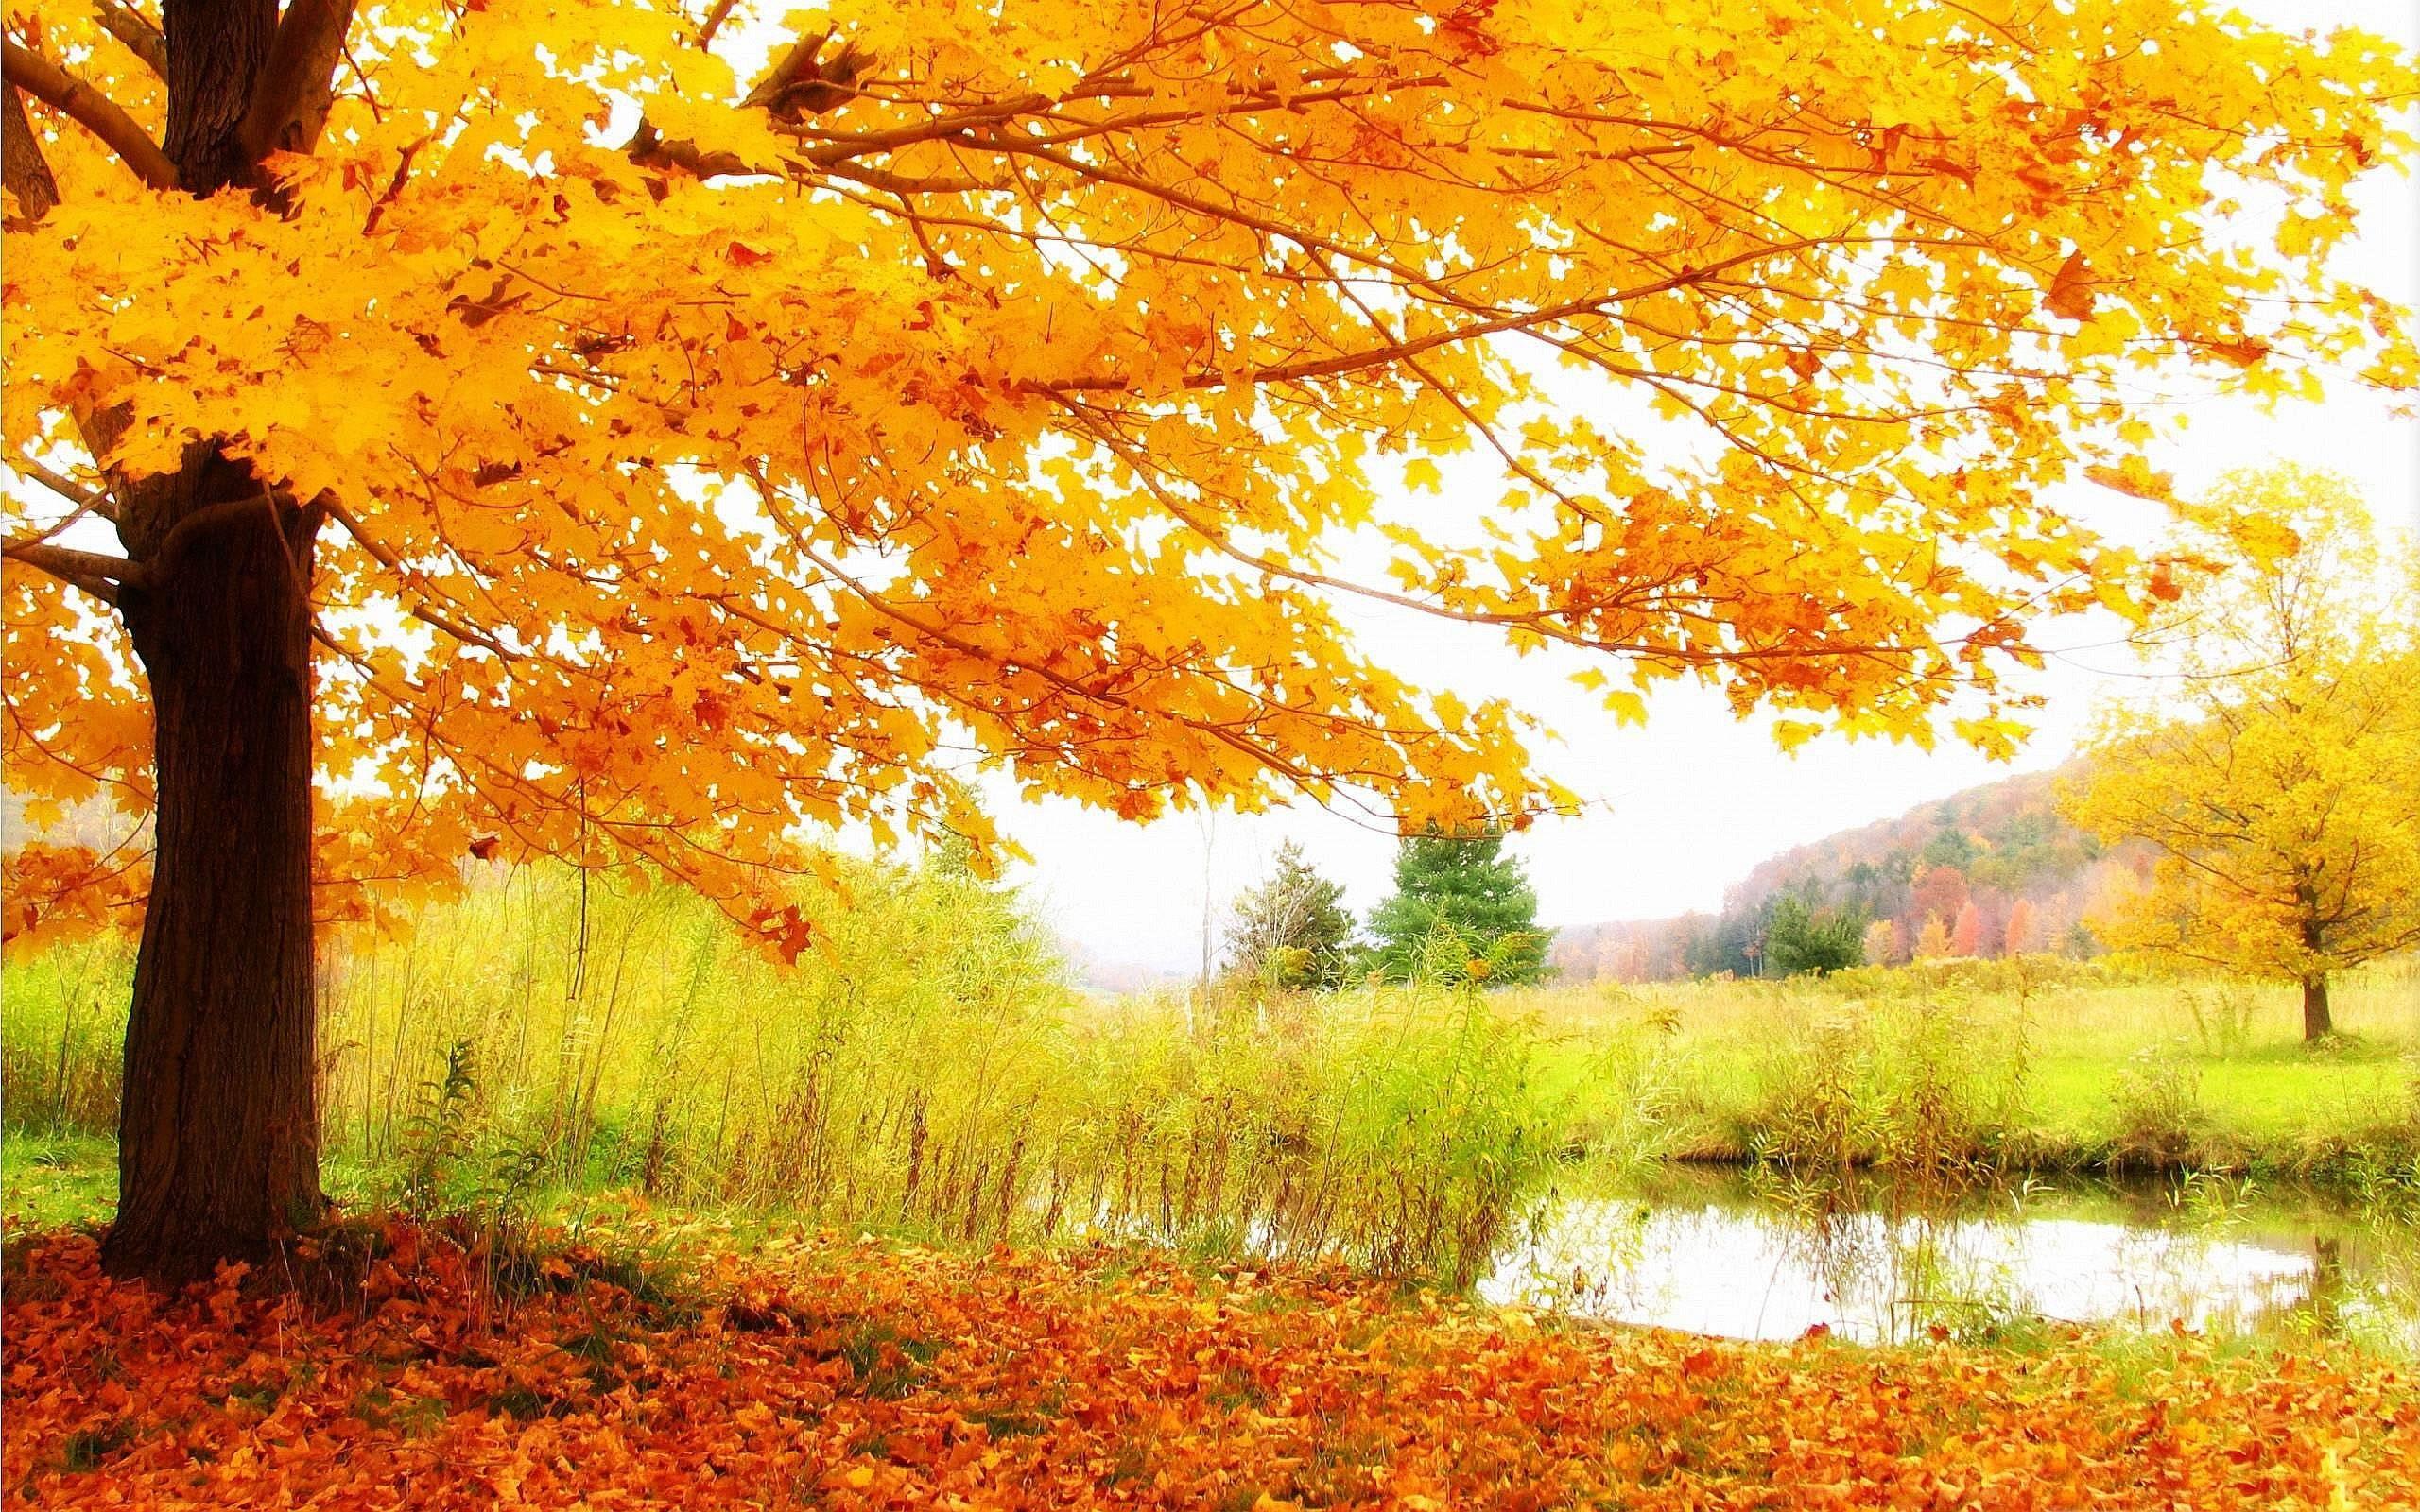 Tree Scenery Wallpaper HD Desktop Backgrounds Free